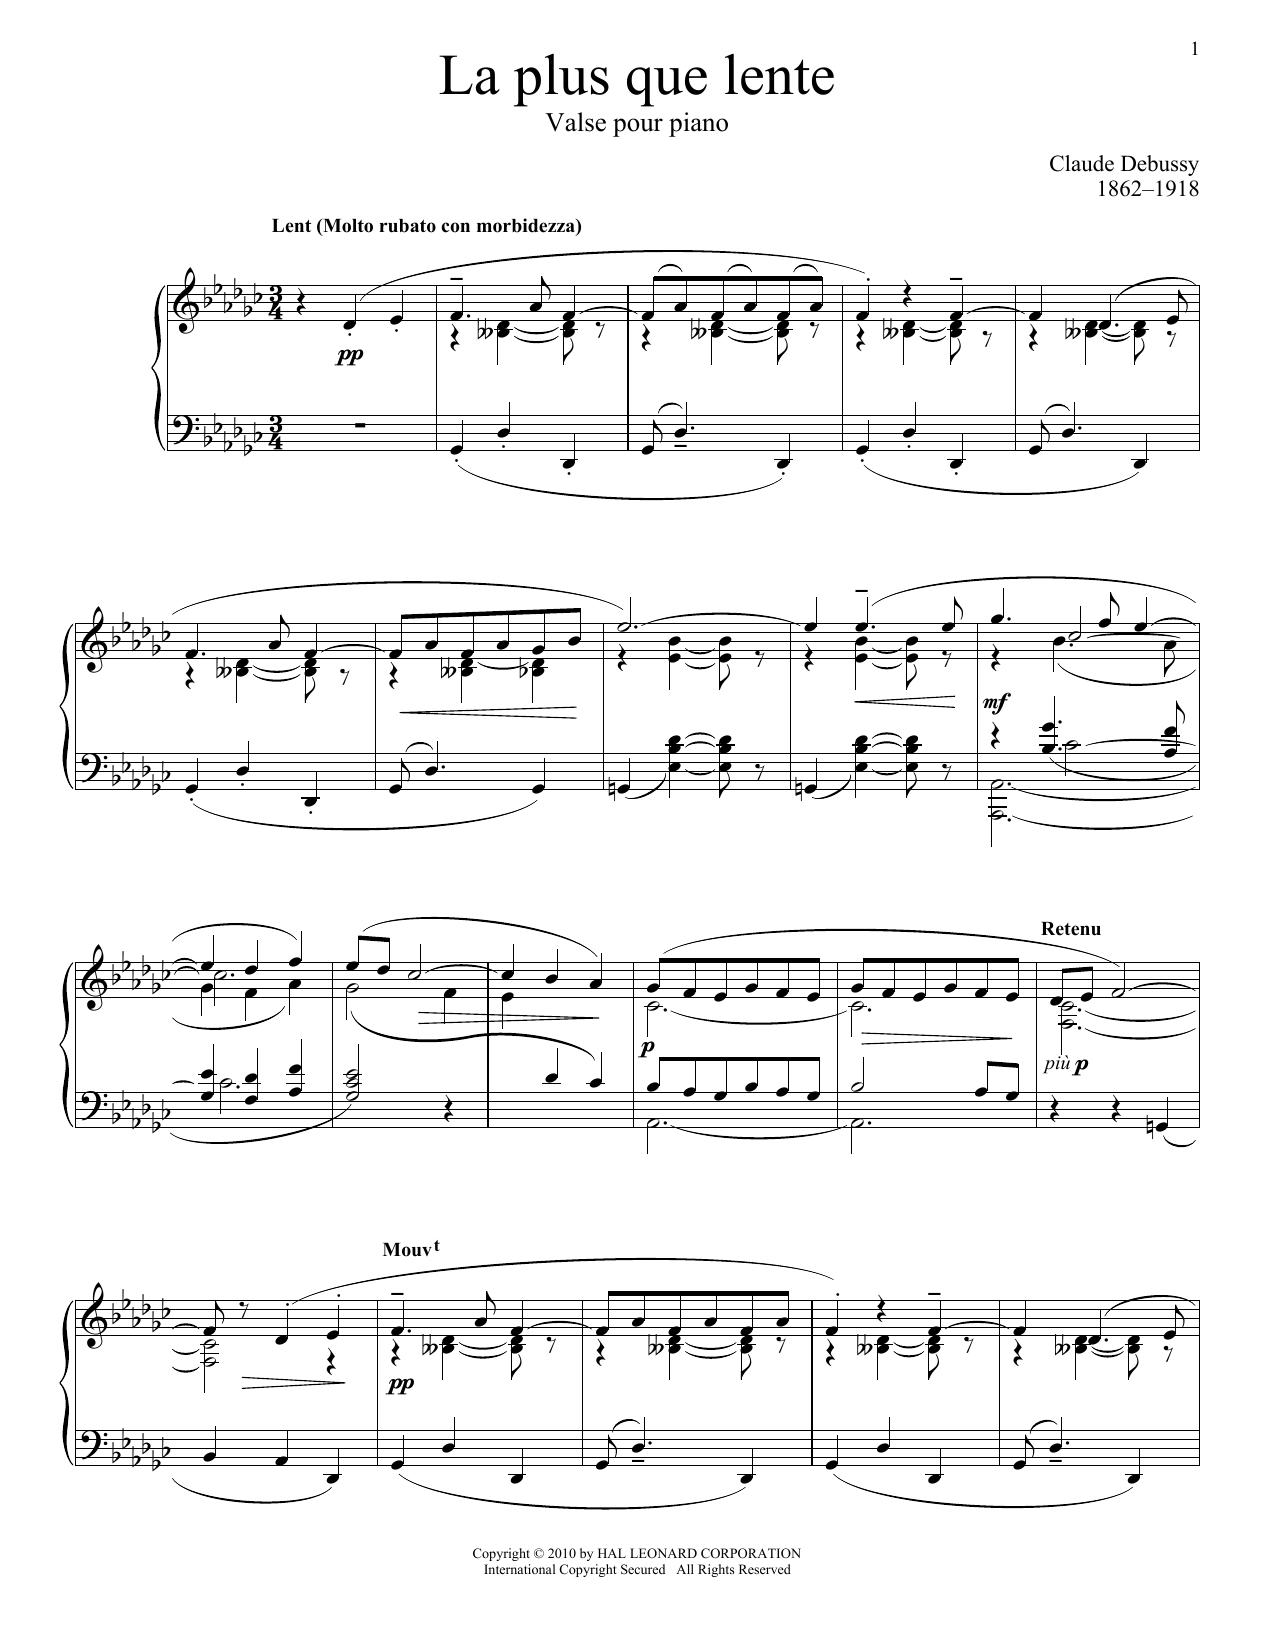 Claude Debussy La Plus Que Lente sheet music notes and chords